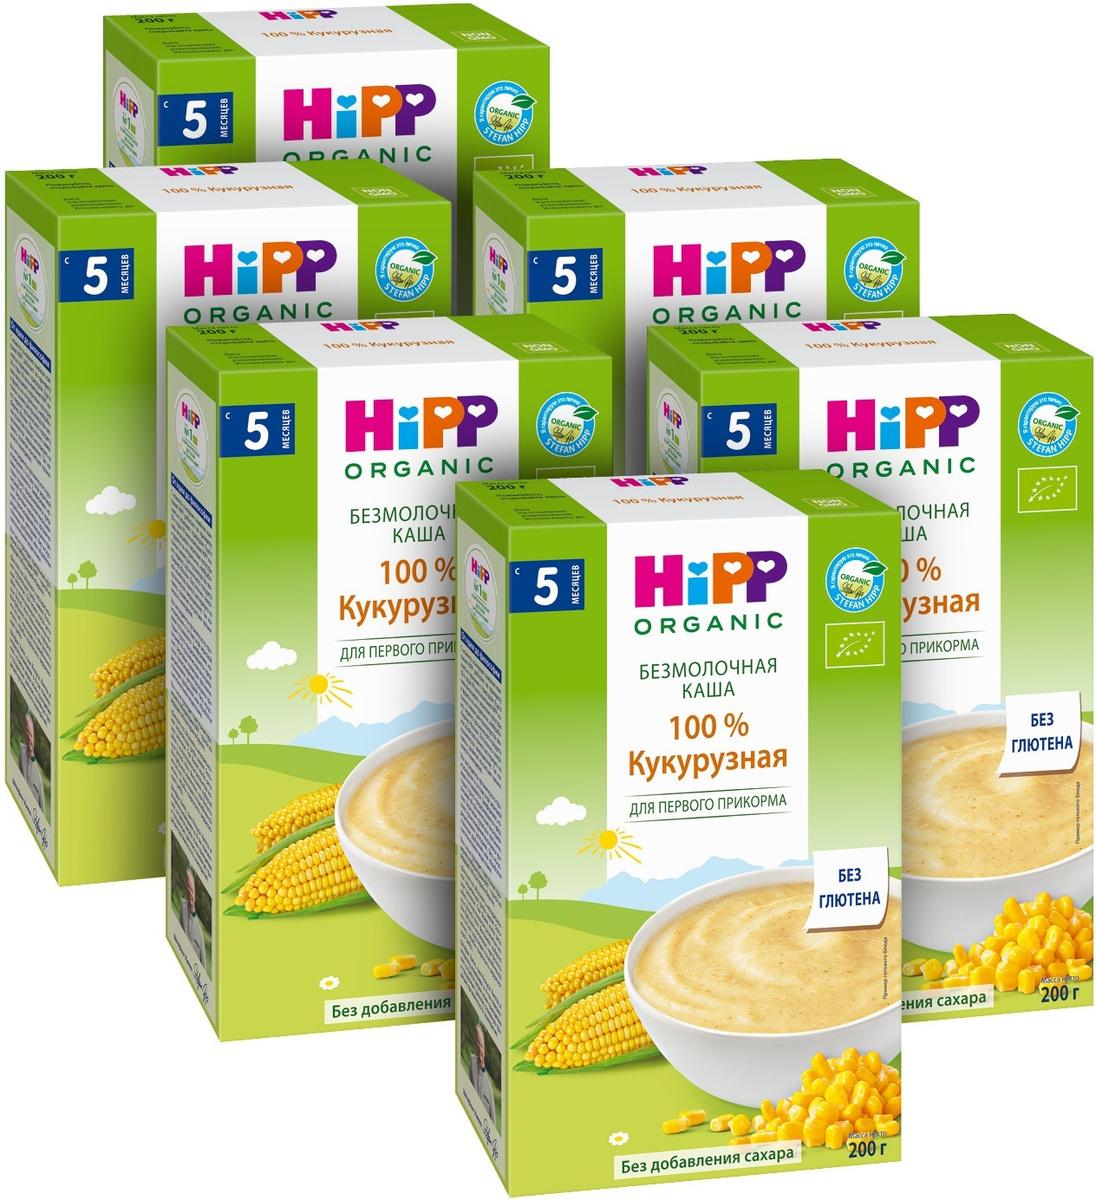 Hipp каша зерновая кукурузная, 5 месяцев, 6 шт по 200 г #1